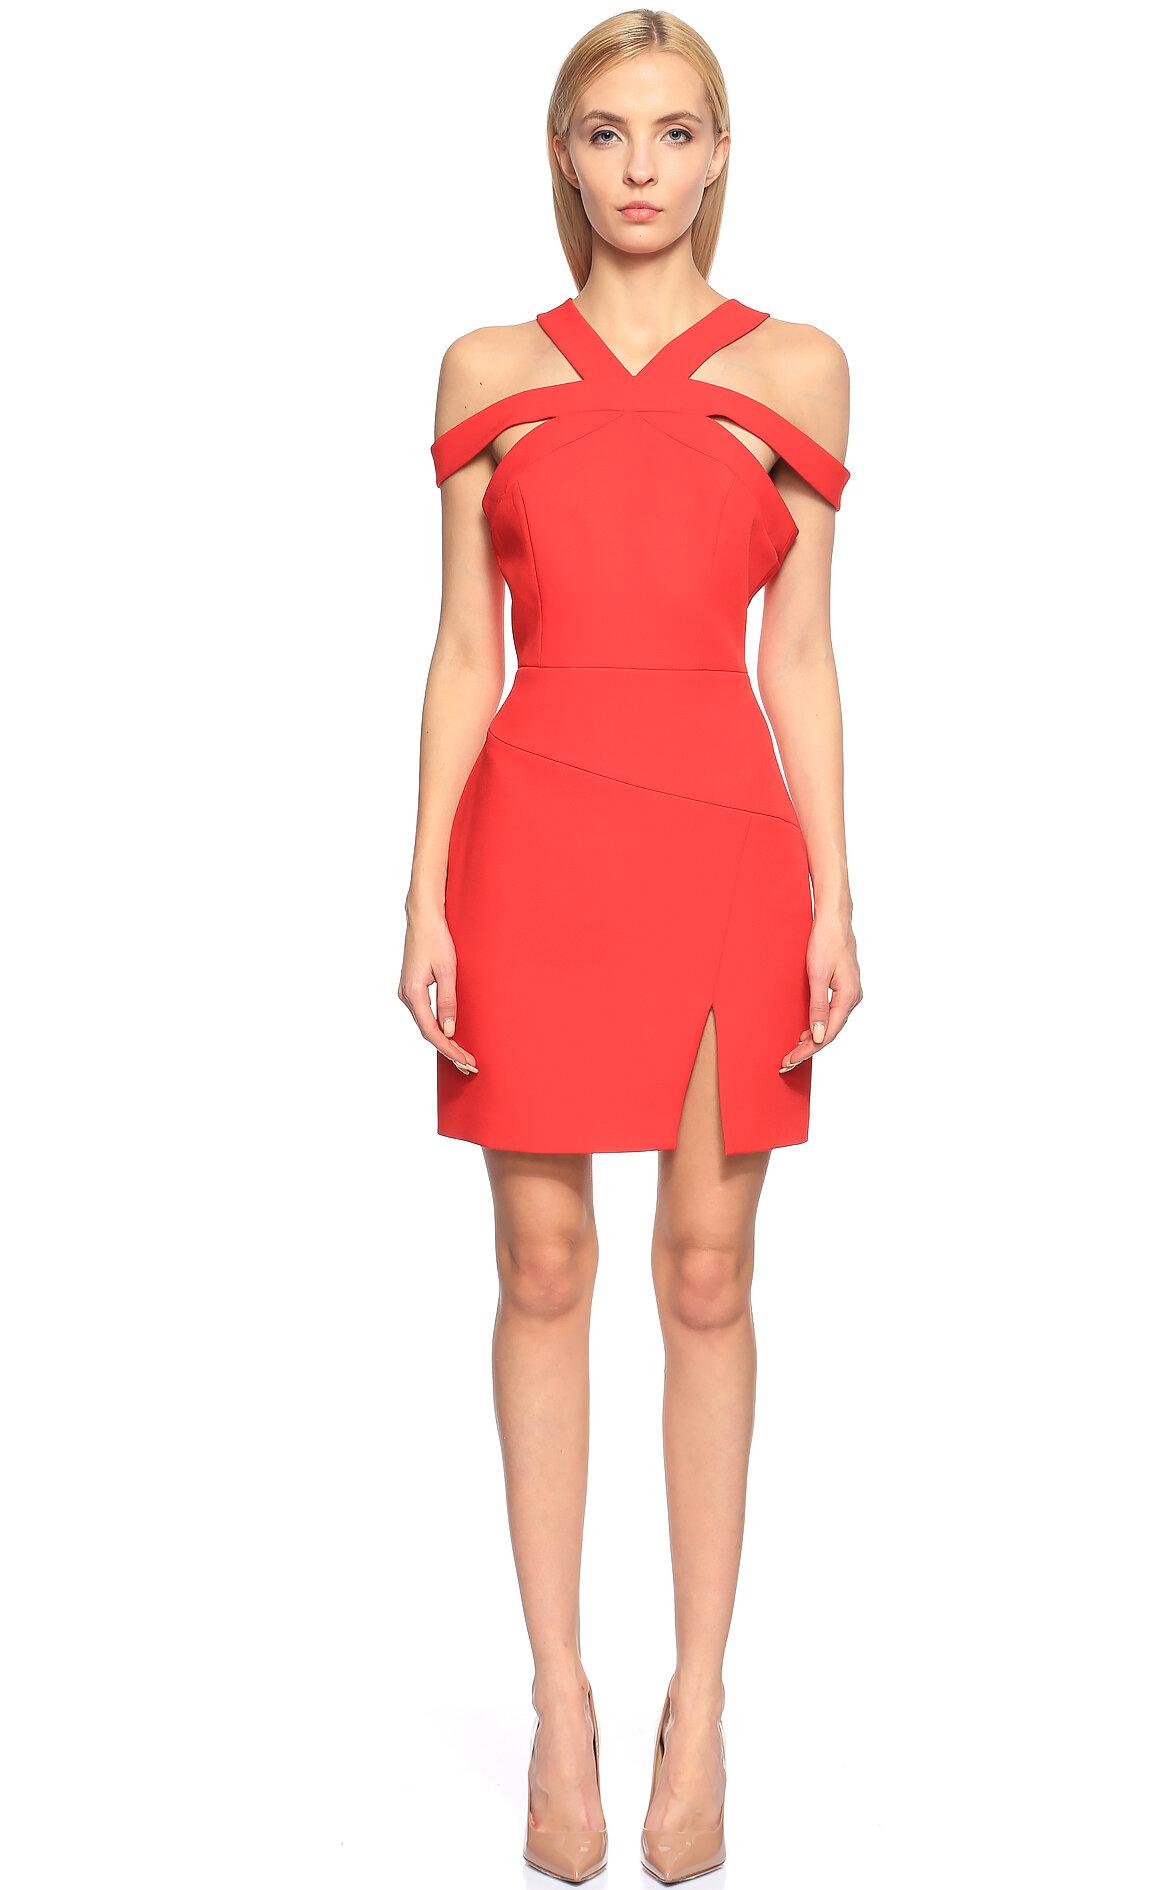 BCBG MAX AZRIA-BCBG MAX AZRIA Kırmızı Mini Elbise